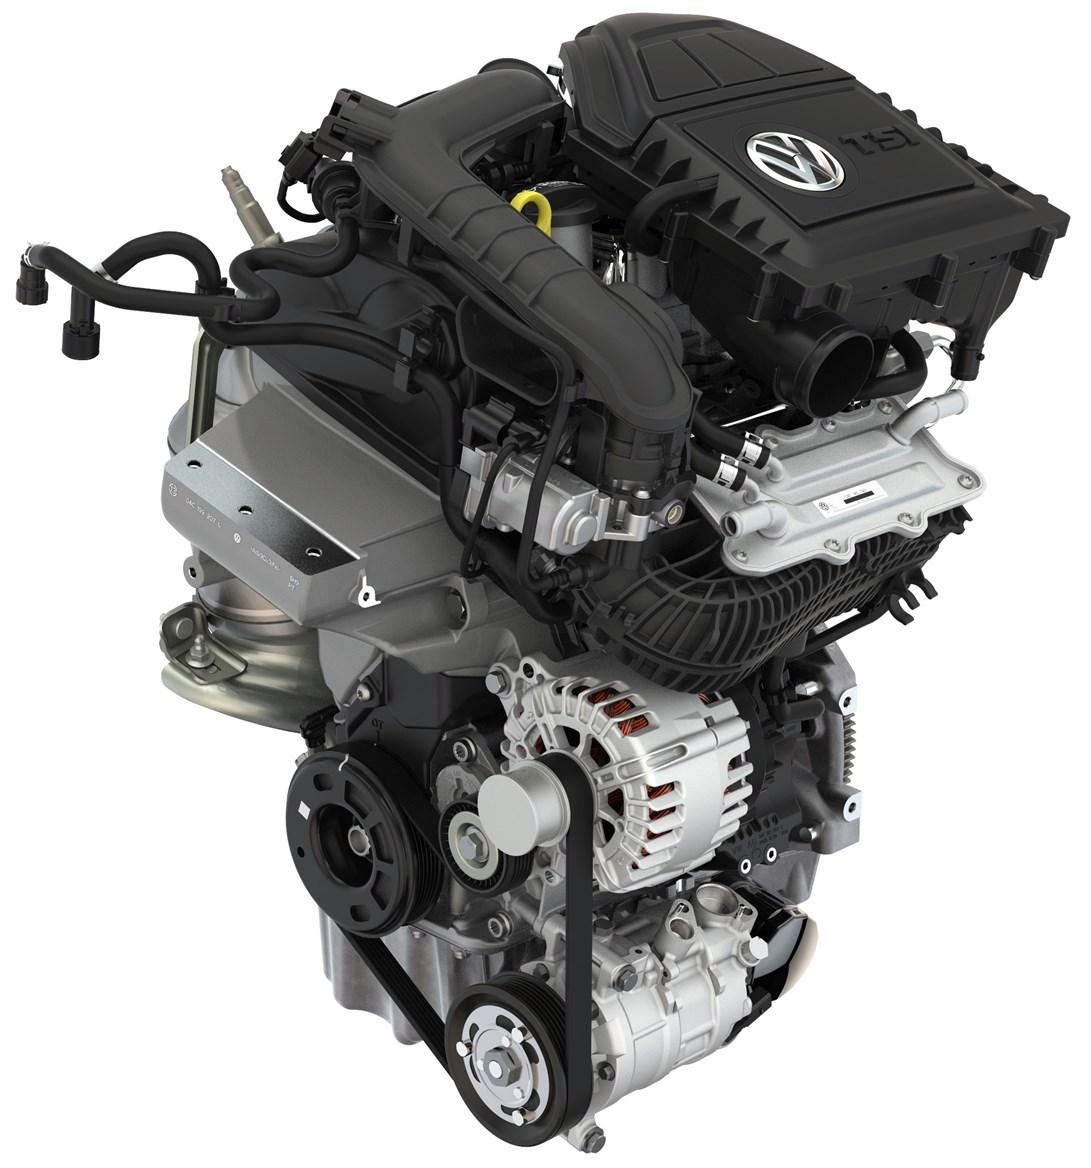 Volkswagen Passat (2014) First Pictures: VW's Passat Mk8